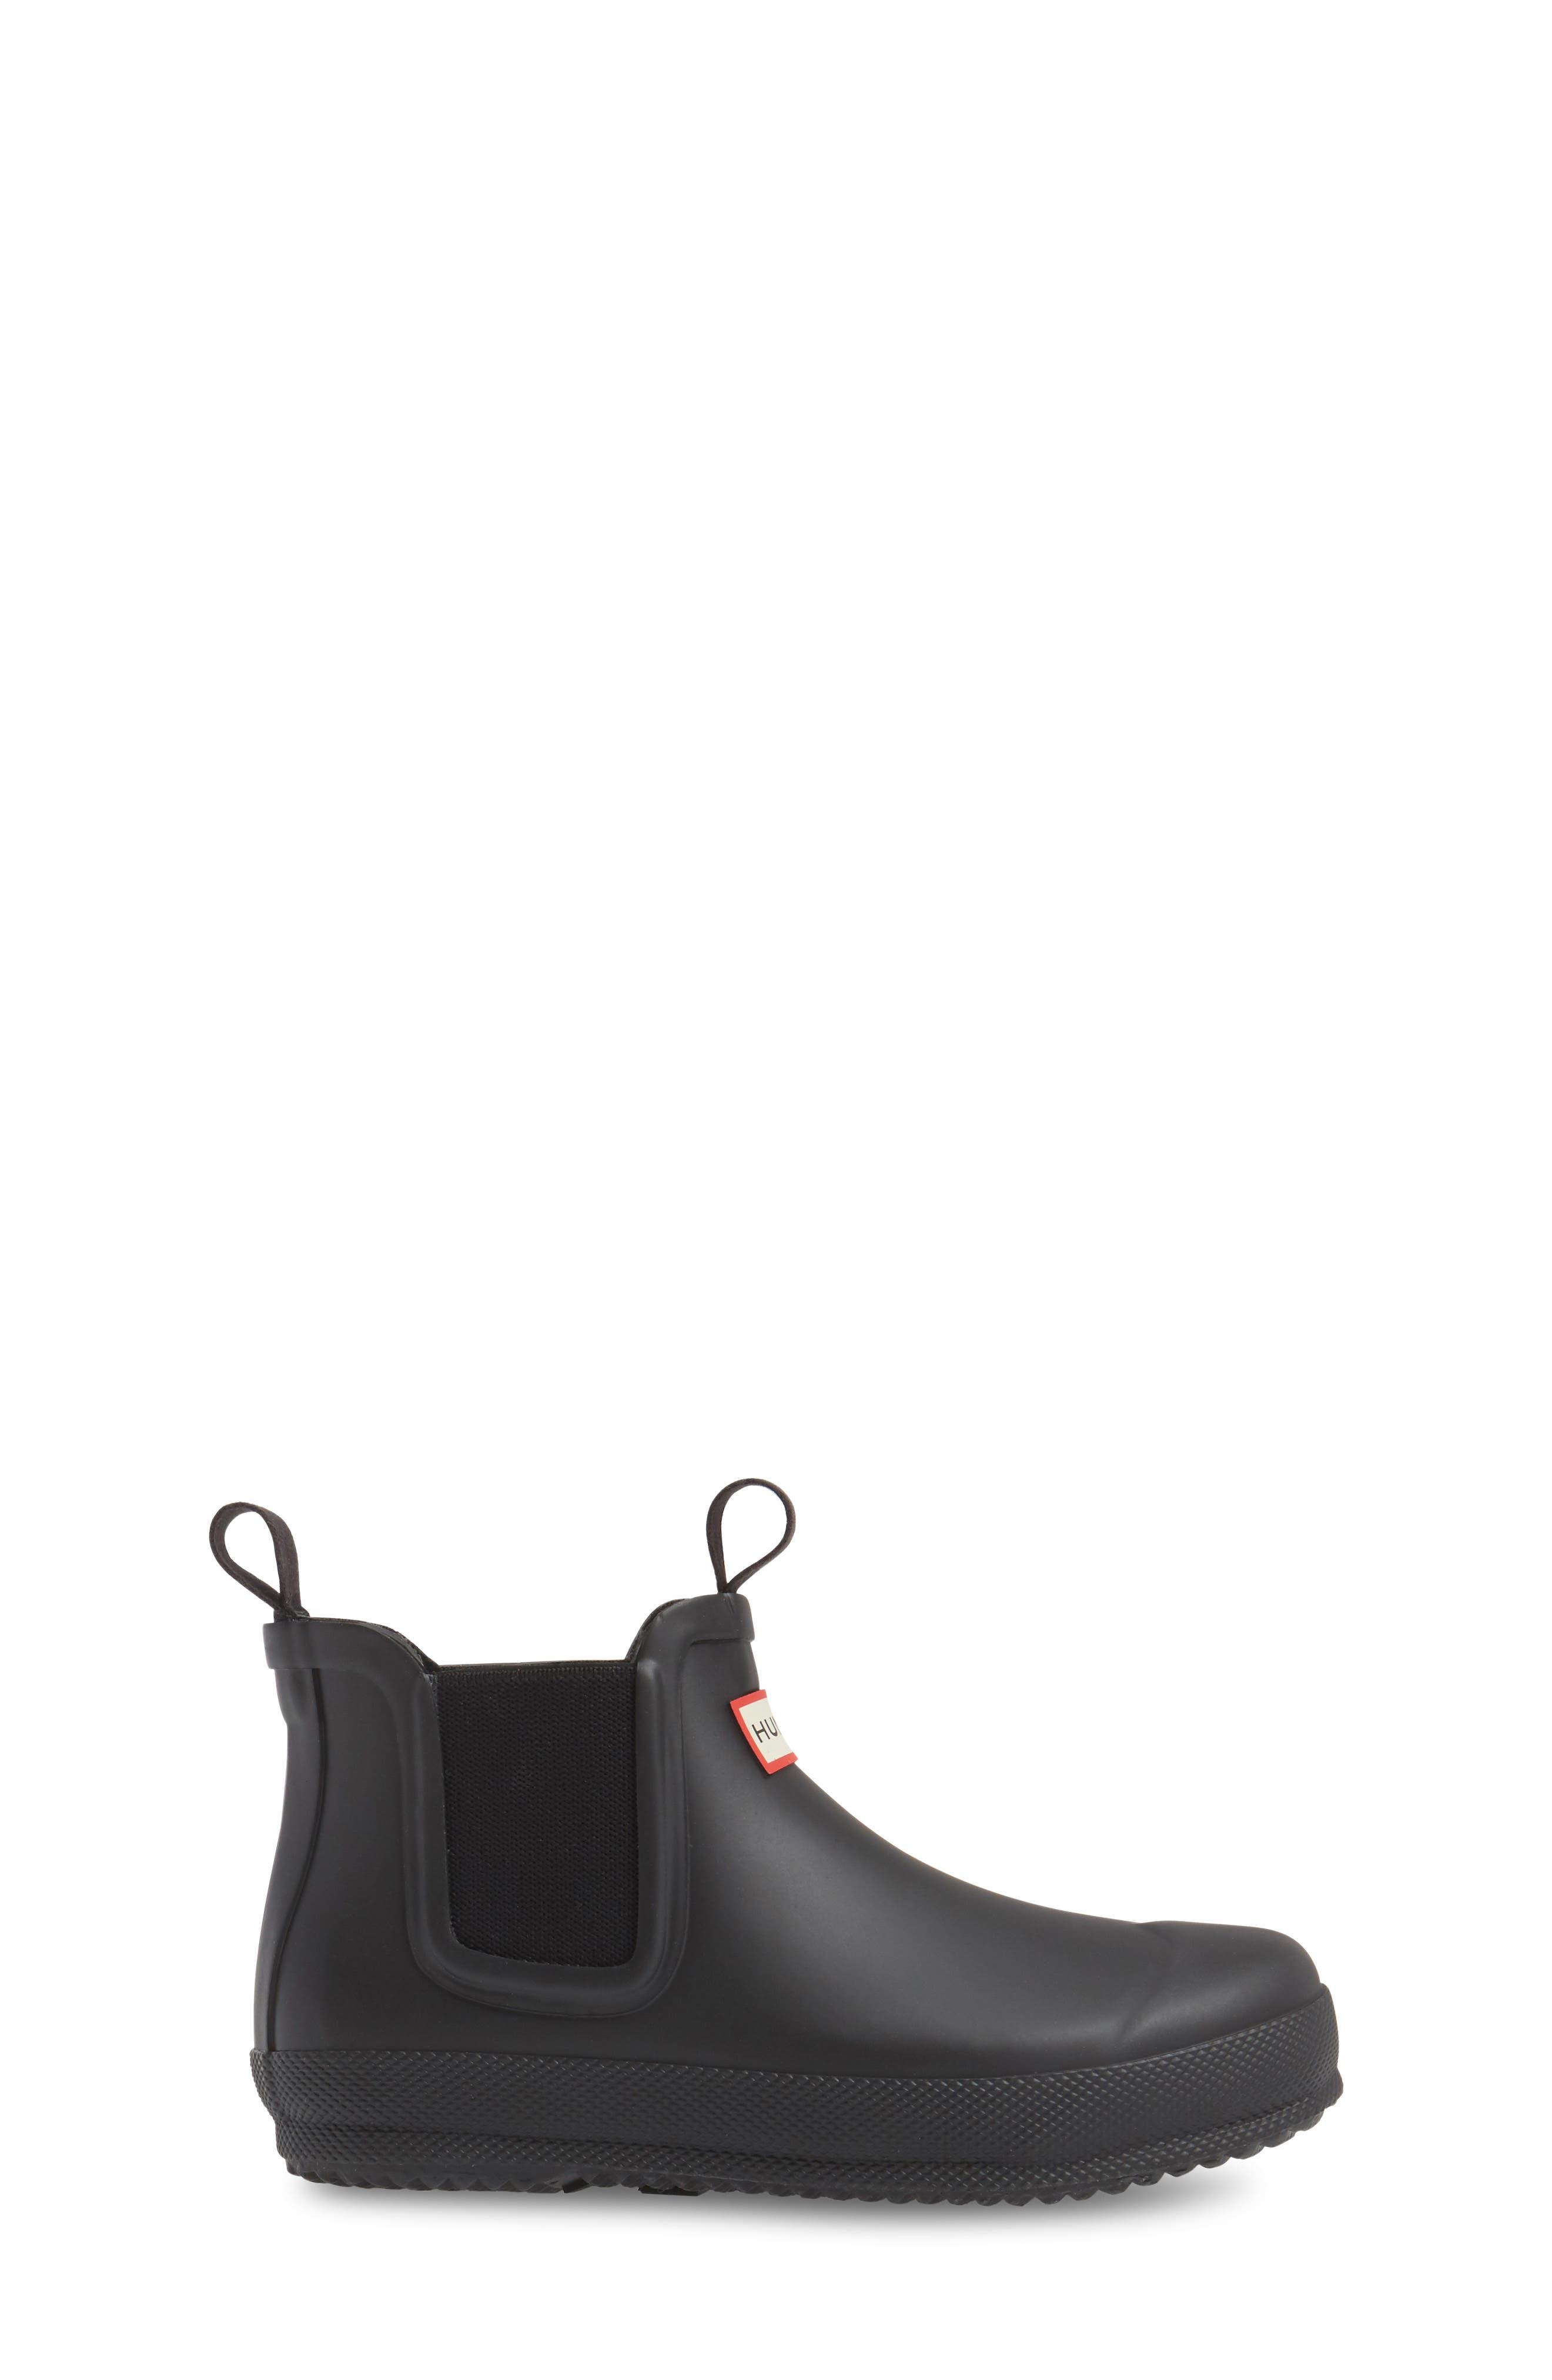 Alternate Image 3  - Hunter Original Waterproof Chelsea Boot (Toddler)